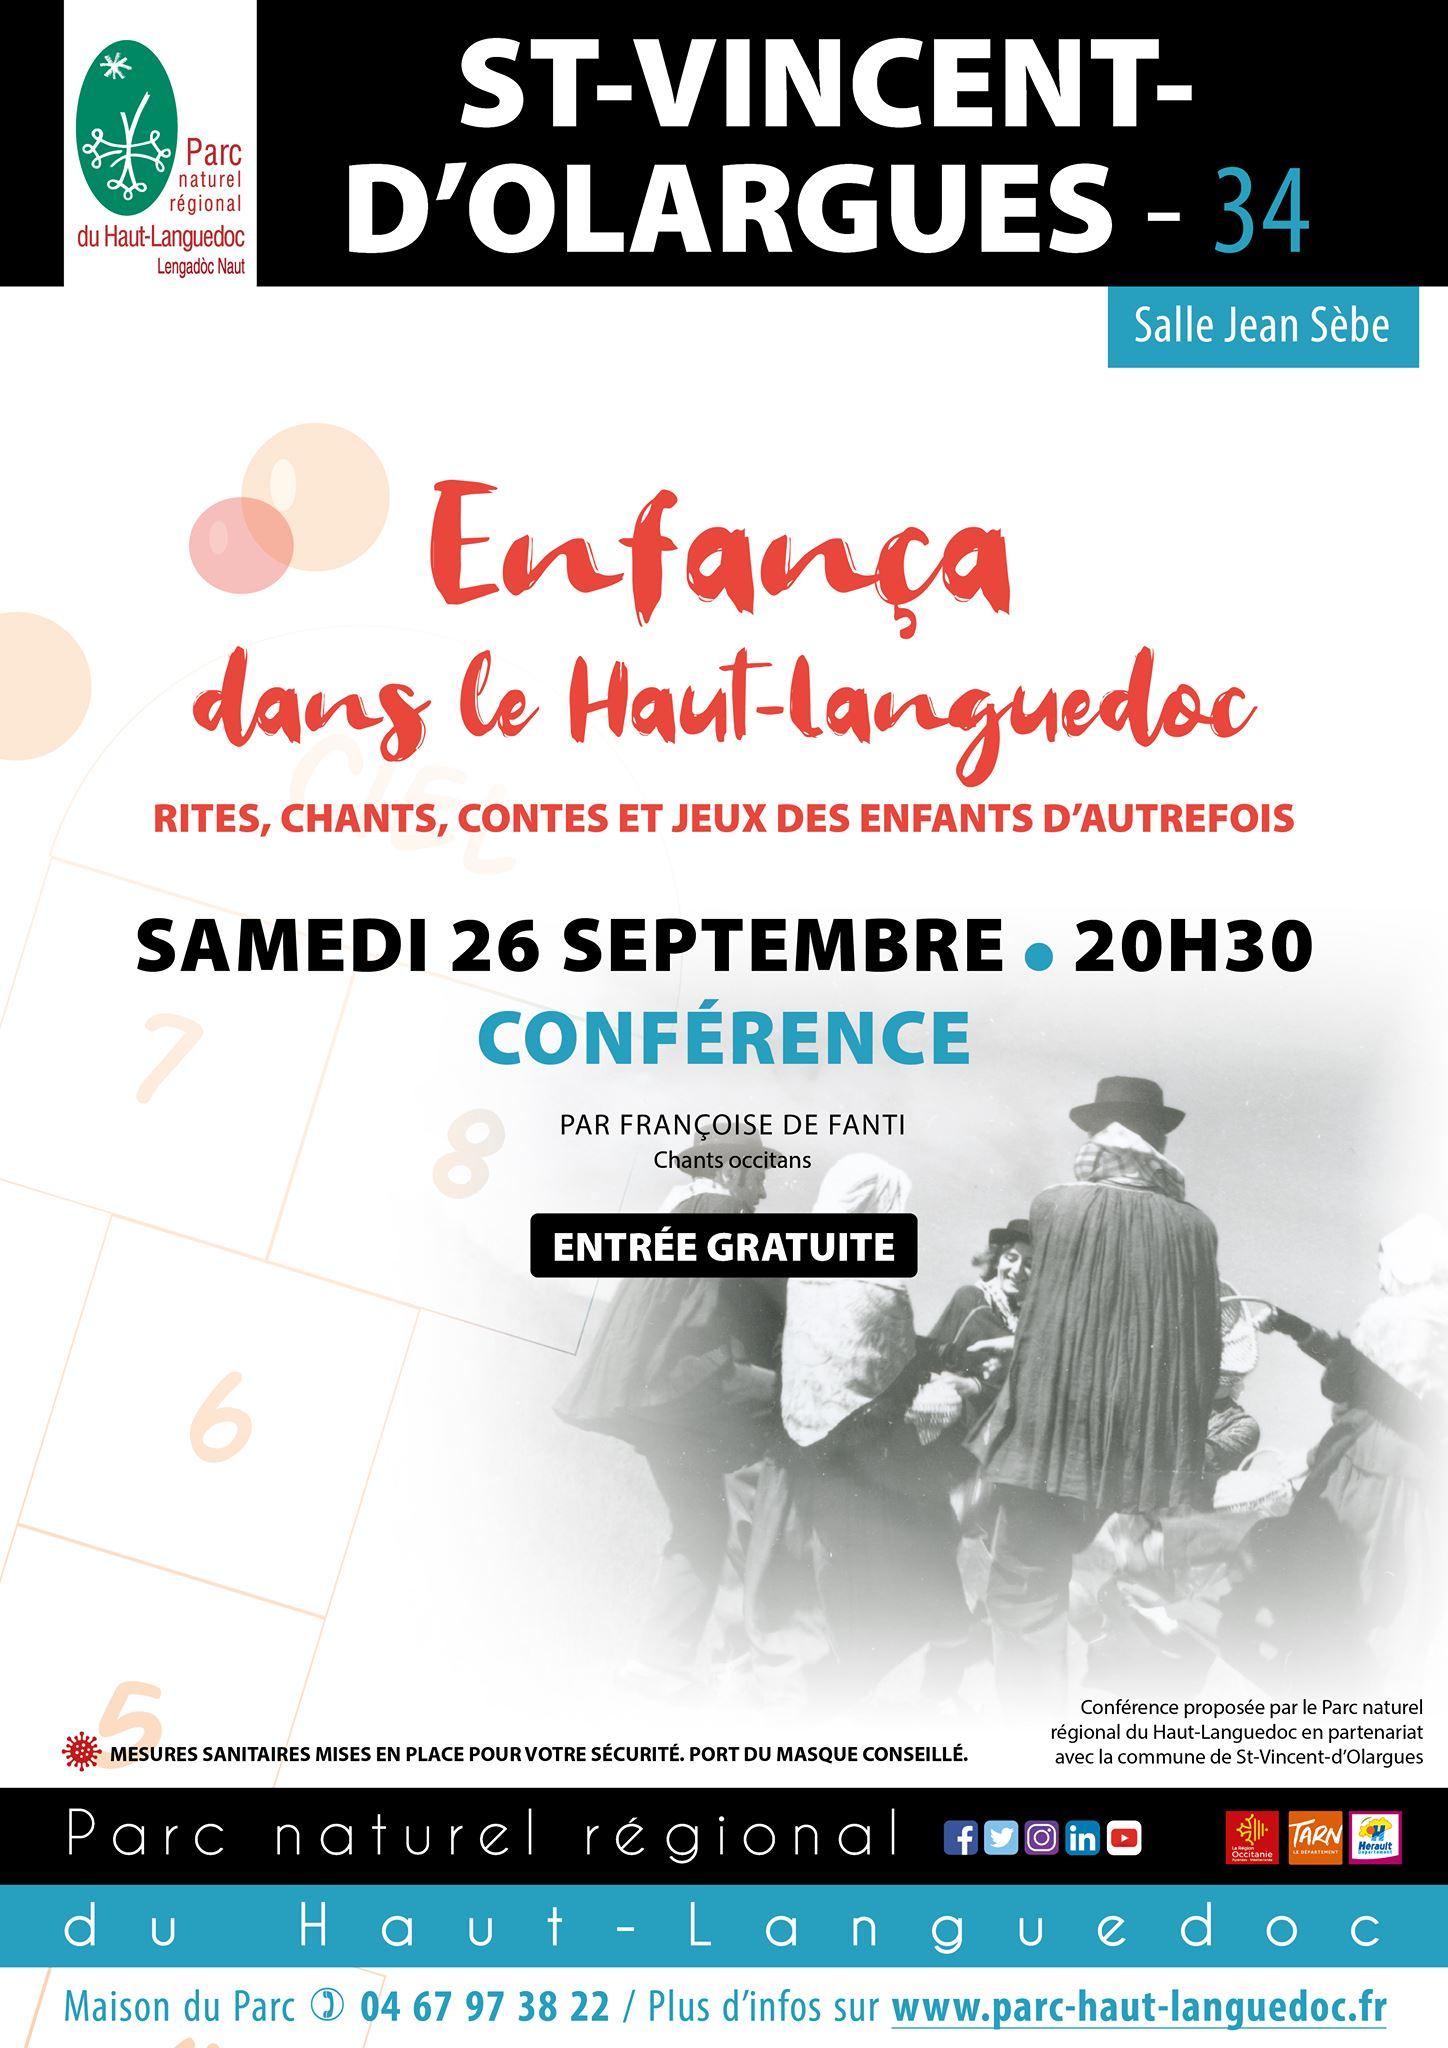 Affiche de la Conférence Enfança dans le Haut-Languedoc